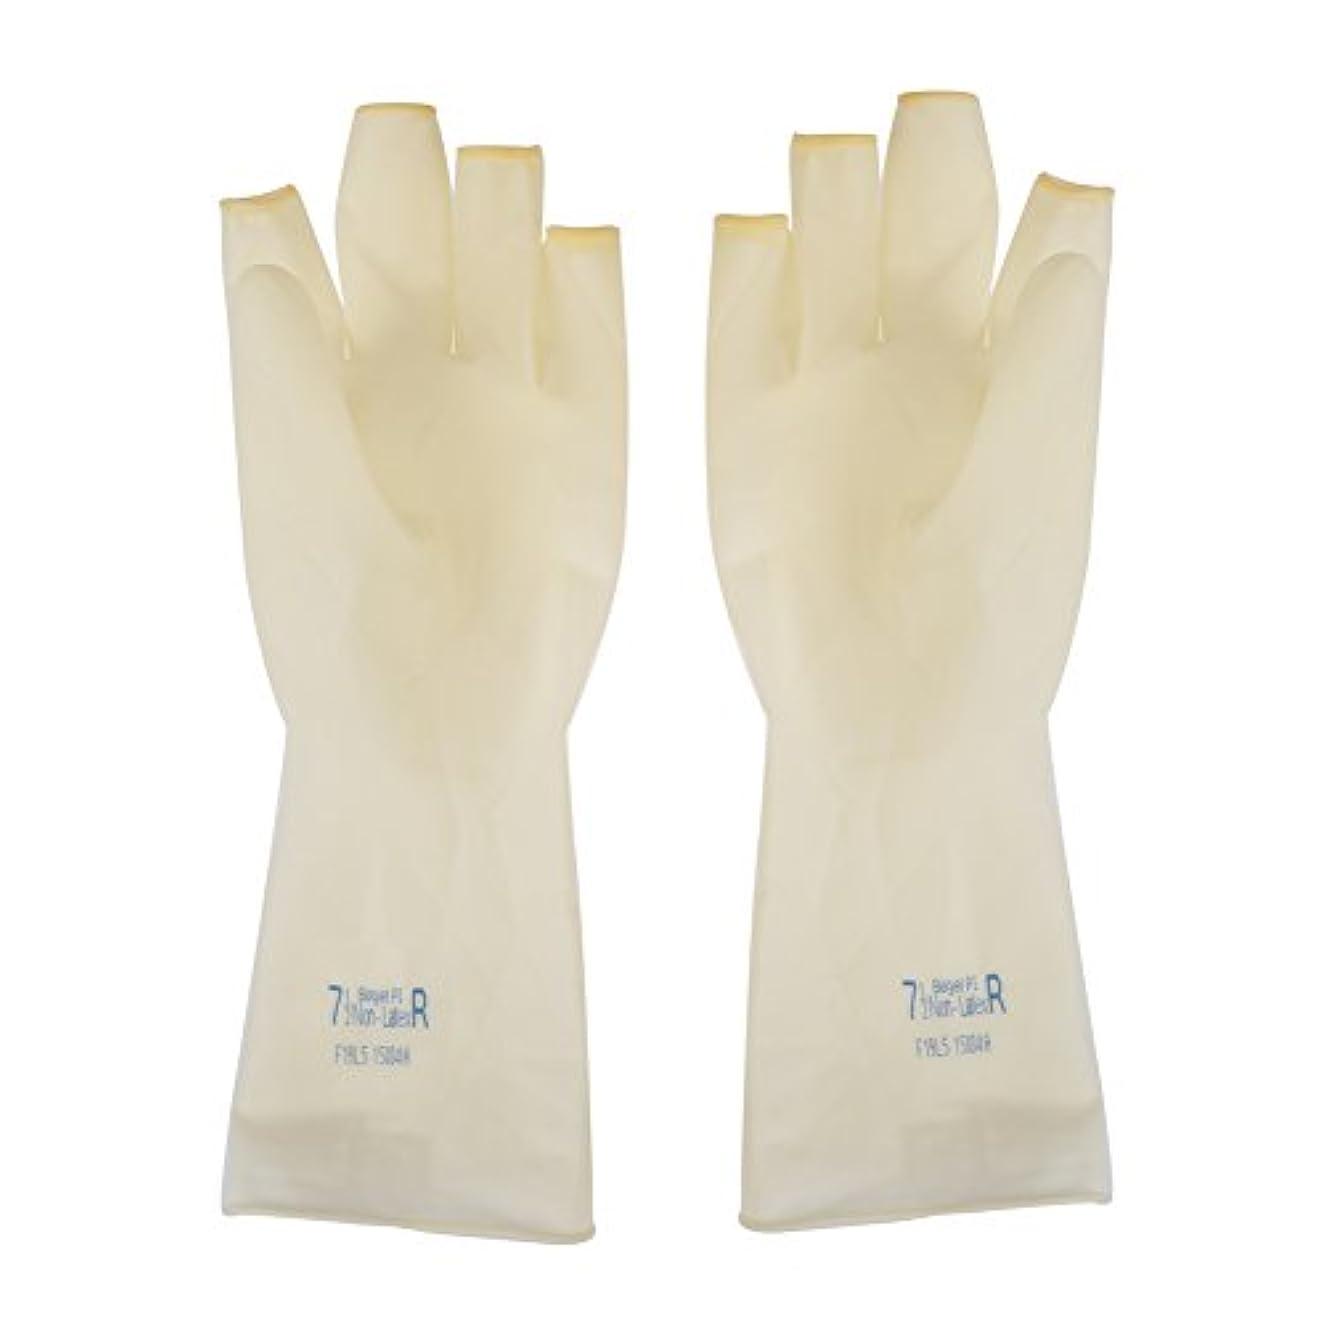 のヒープ収穫検出AEdiea 1ペア ゴム手袋   毛染め手袋 使い捨て 弾性 伸縮性 ヘアサロン サロンツール (M)